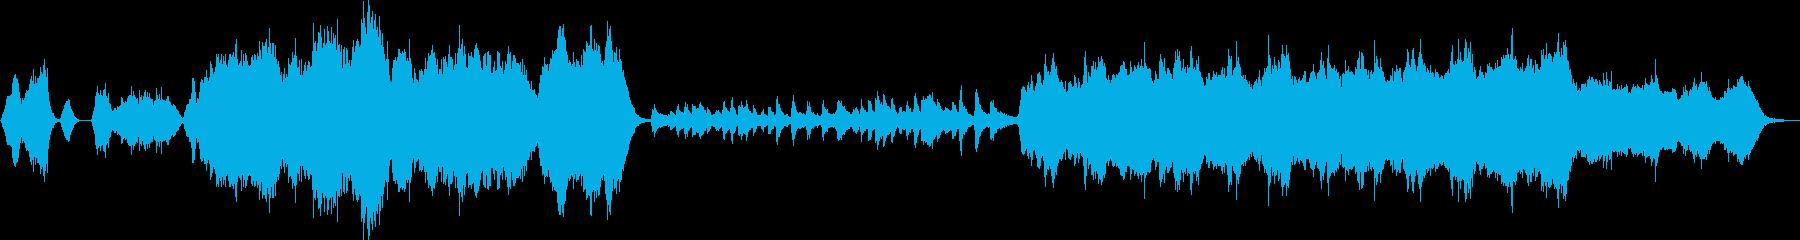 オーケストラ バラード 管 ピアノ 盛大の再生済みの波形